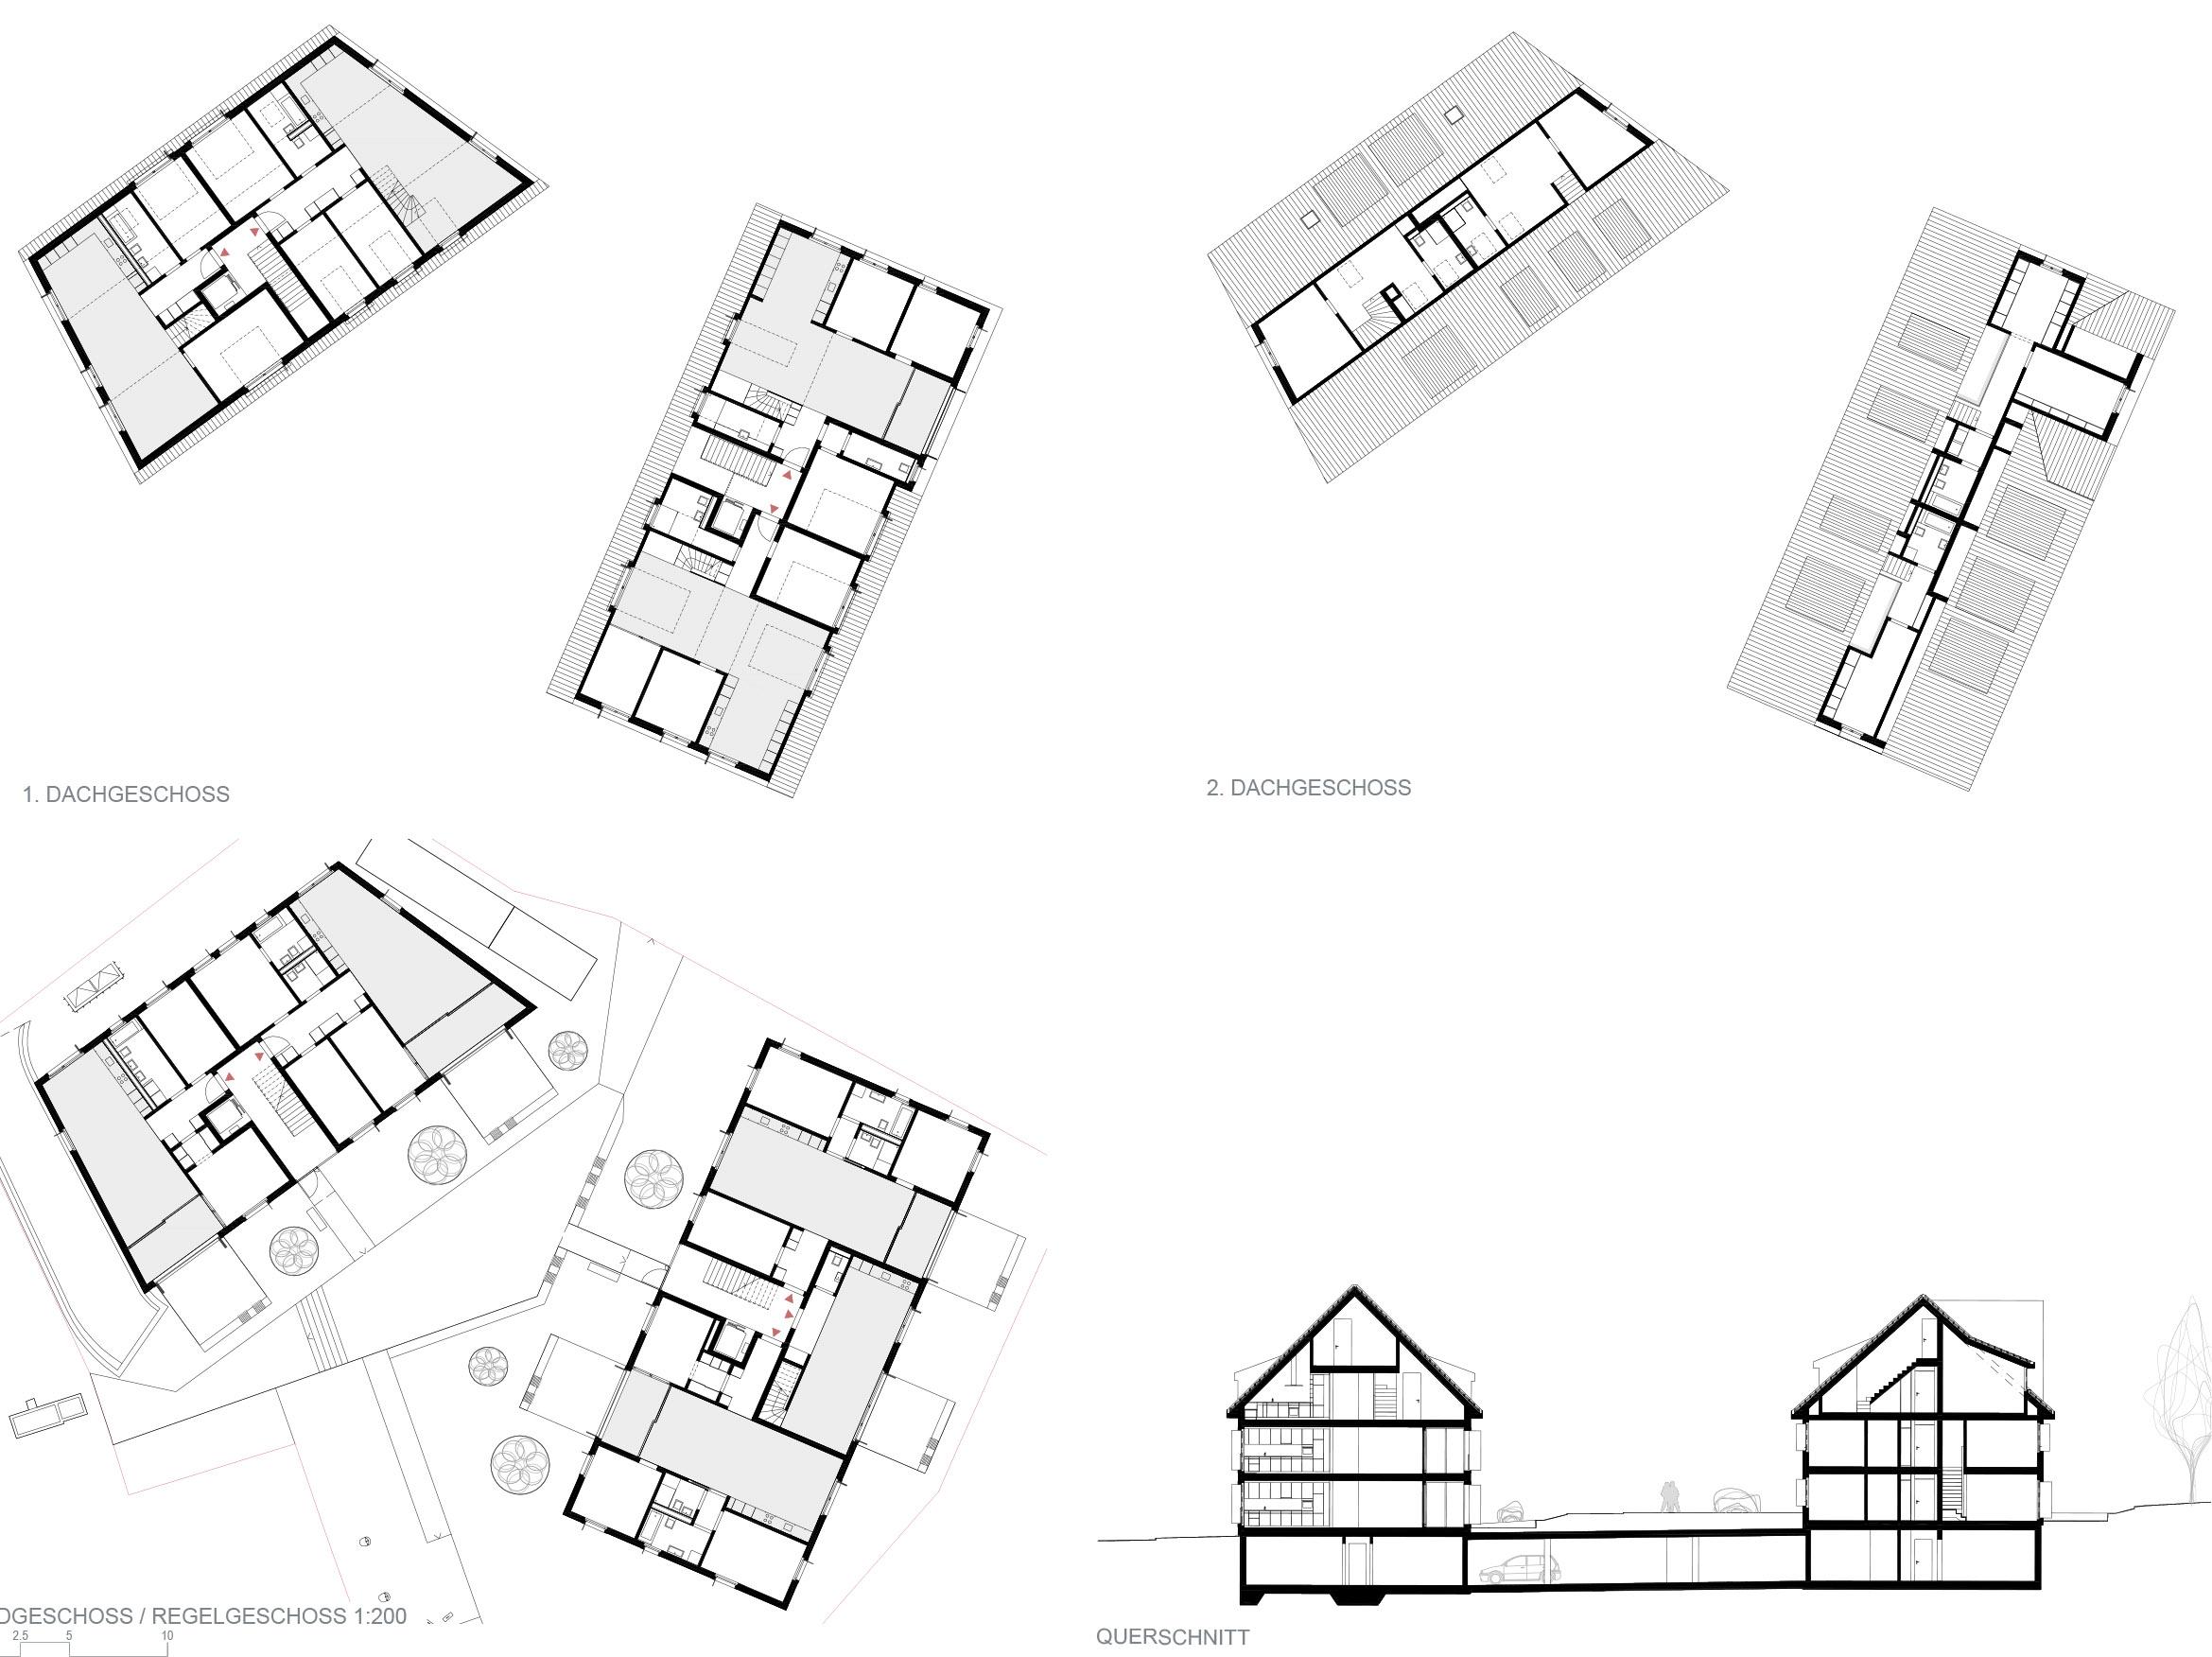 1. Dachgeschoss, 2. Dachgeschoss / Erdgeschoss, Regelgeschoss / Querschnitt